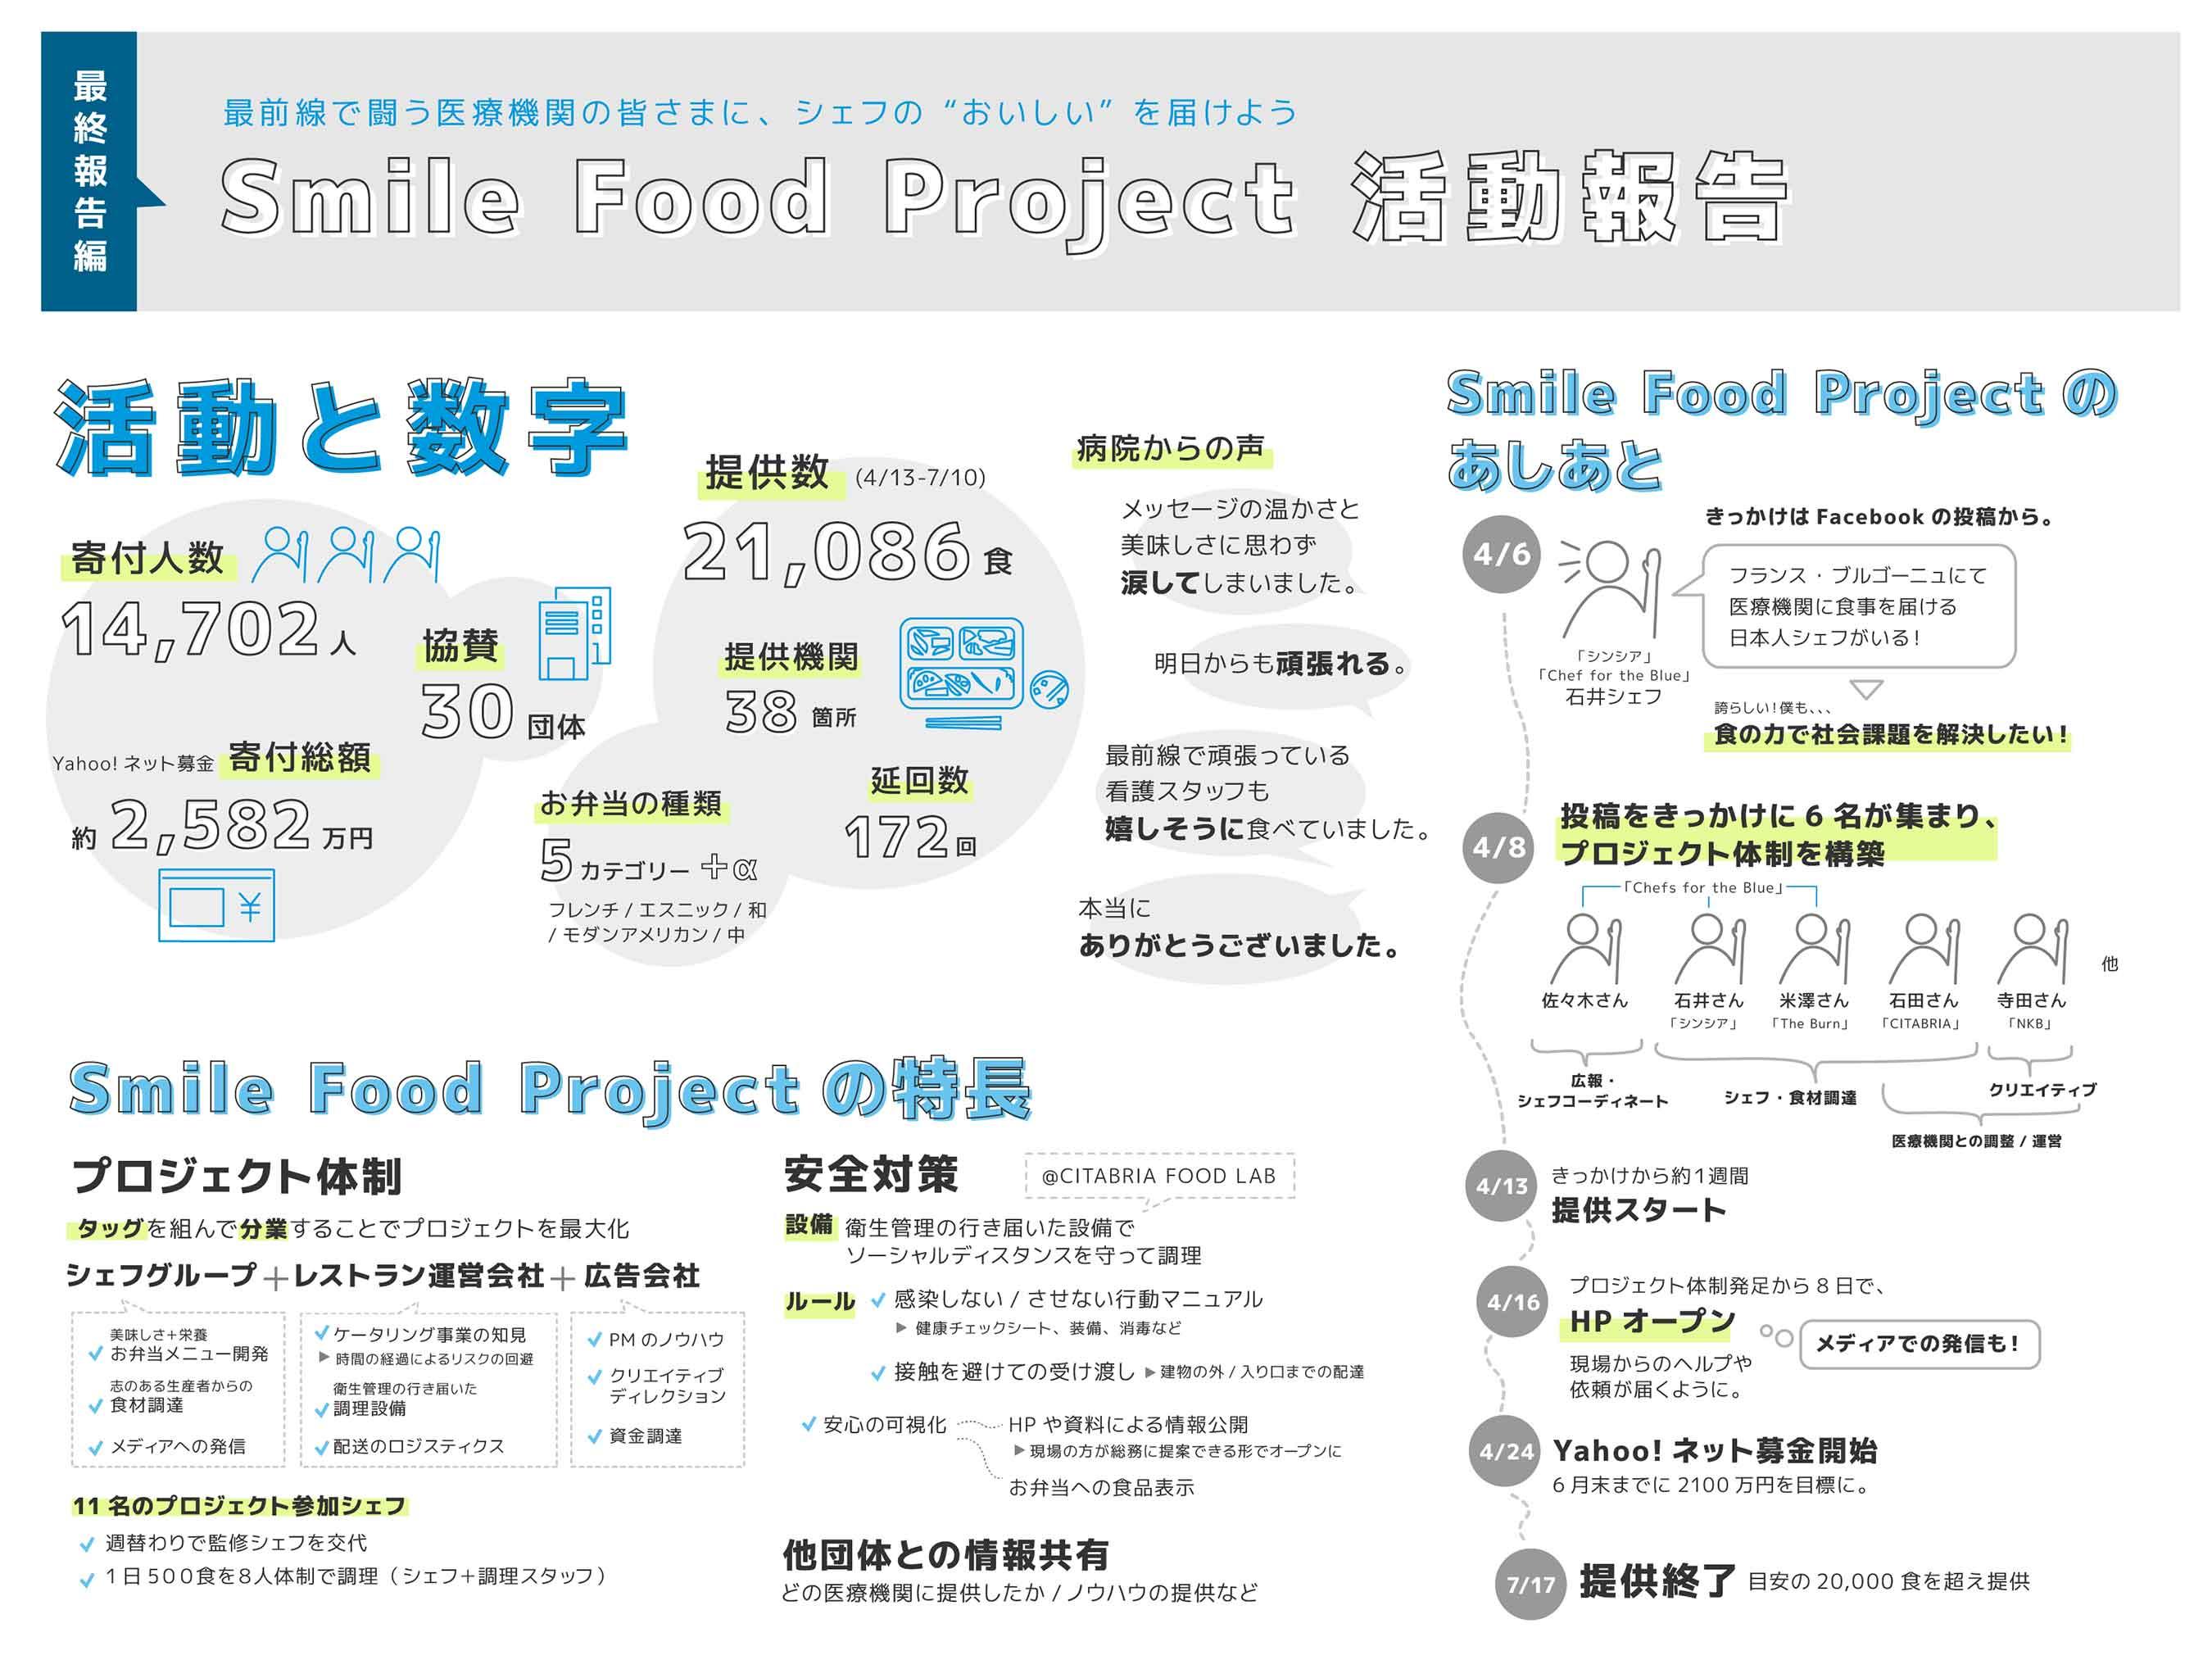 スマイルフードプロジェクト